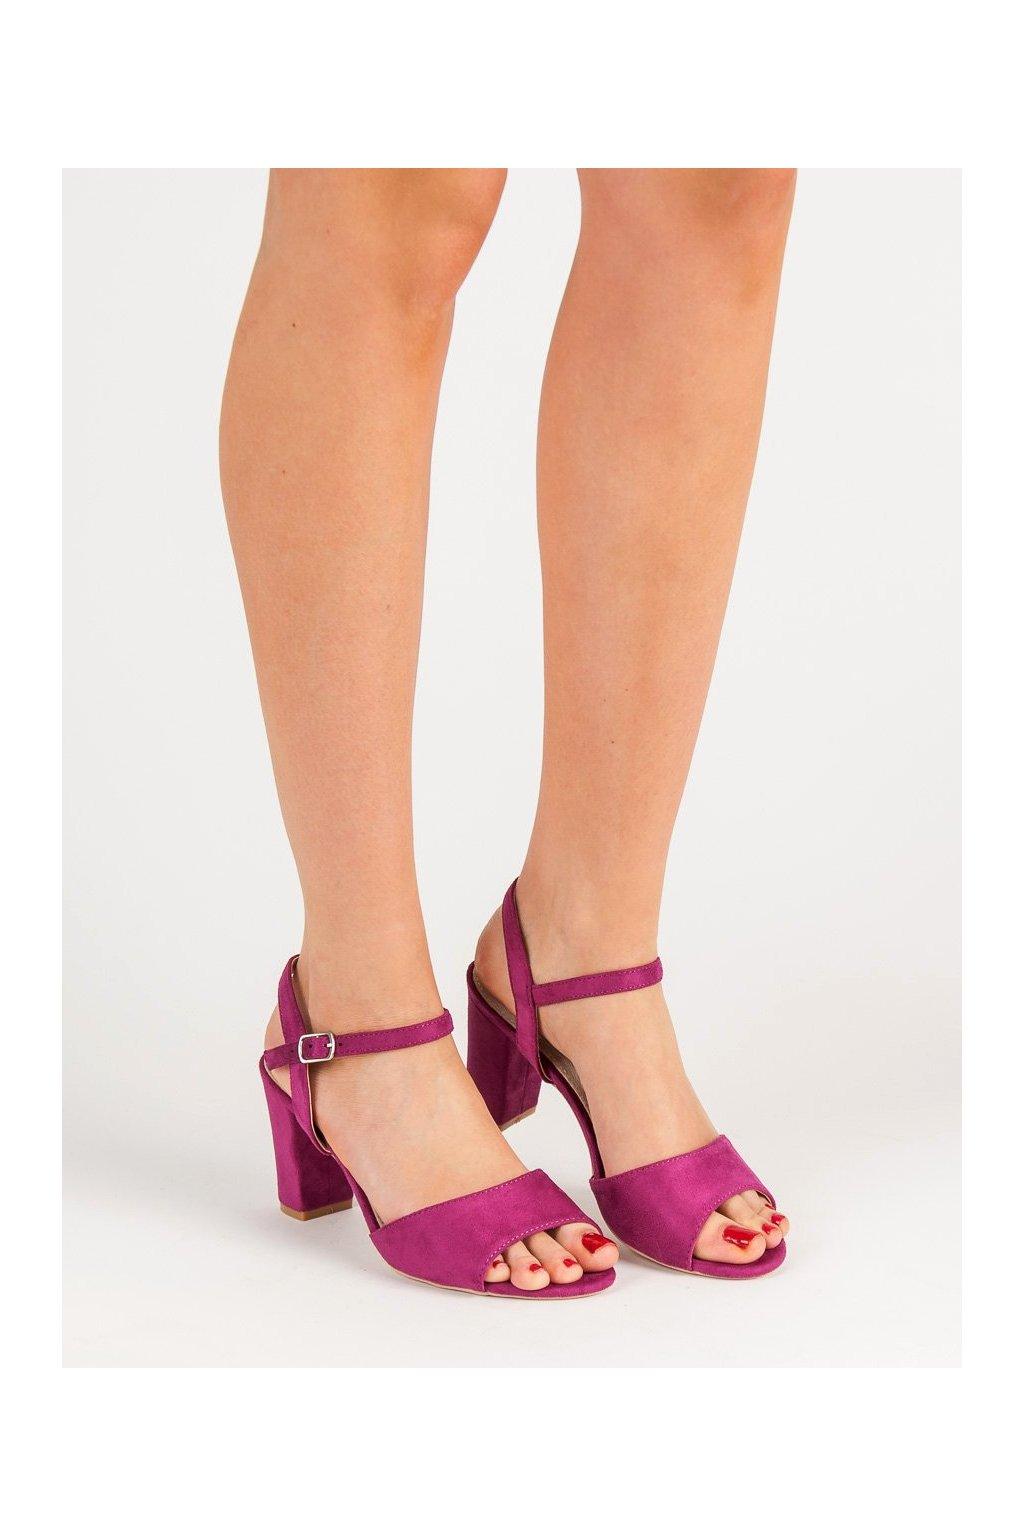 Fialové sandále Filippo kod DS777/19F